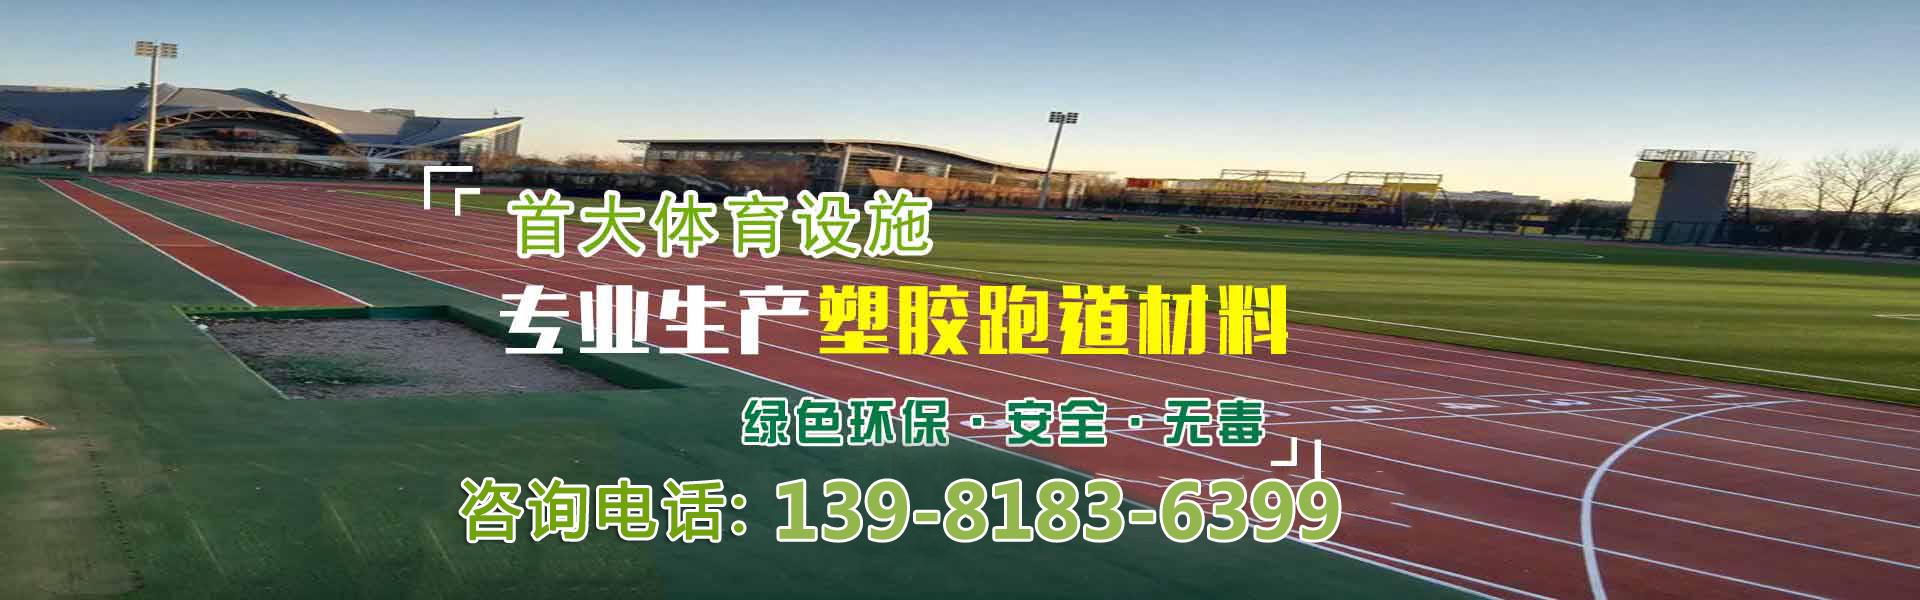 首大体育设施专业生产:塑胶跑道材料,绿色环保、安全、五毒。